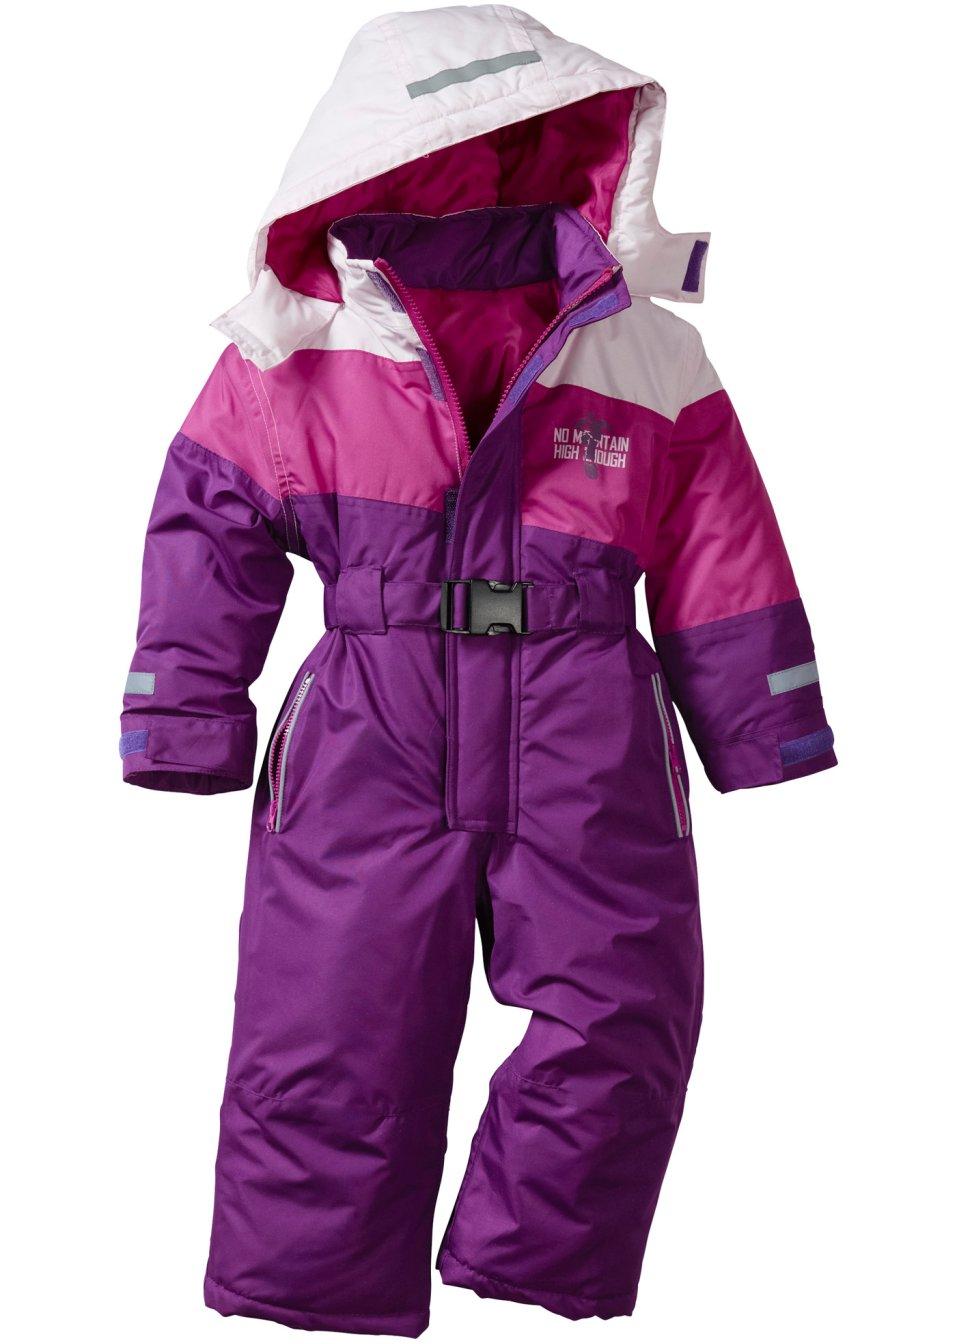 combinaison de ski violet pervenche parme fuchsia moyen bpc bonprix collection acheter online. Black Bedroom Furniture Sets. Home Design Ideas